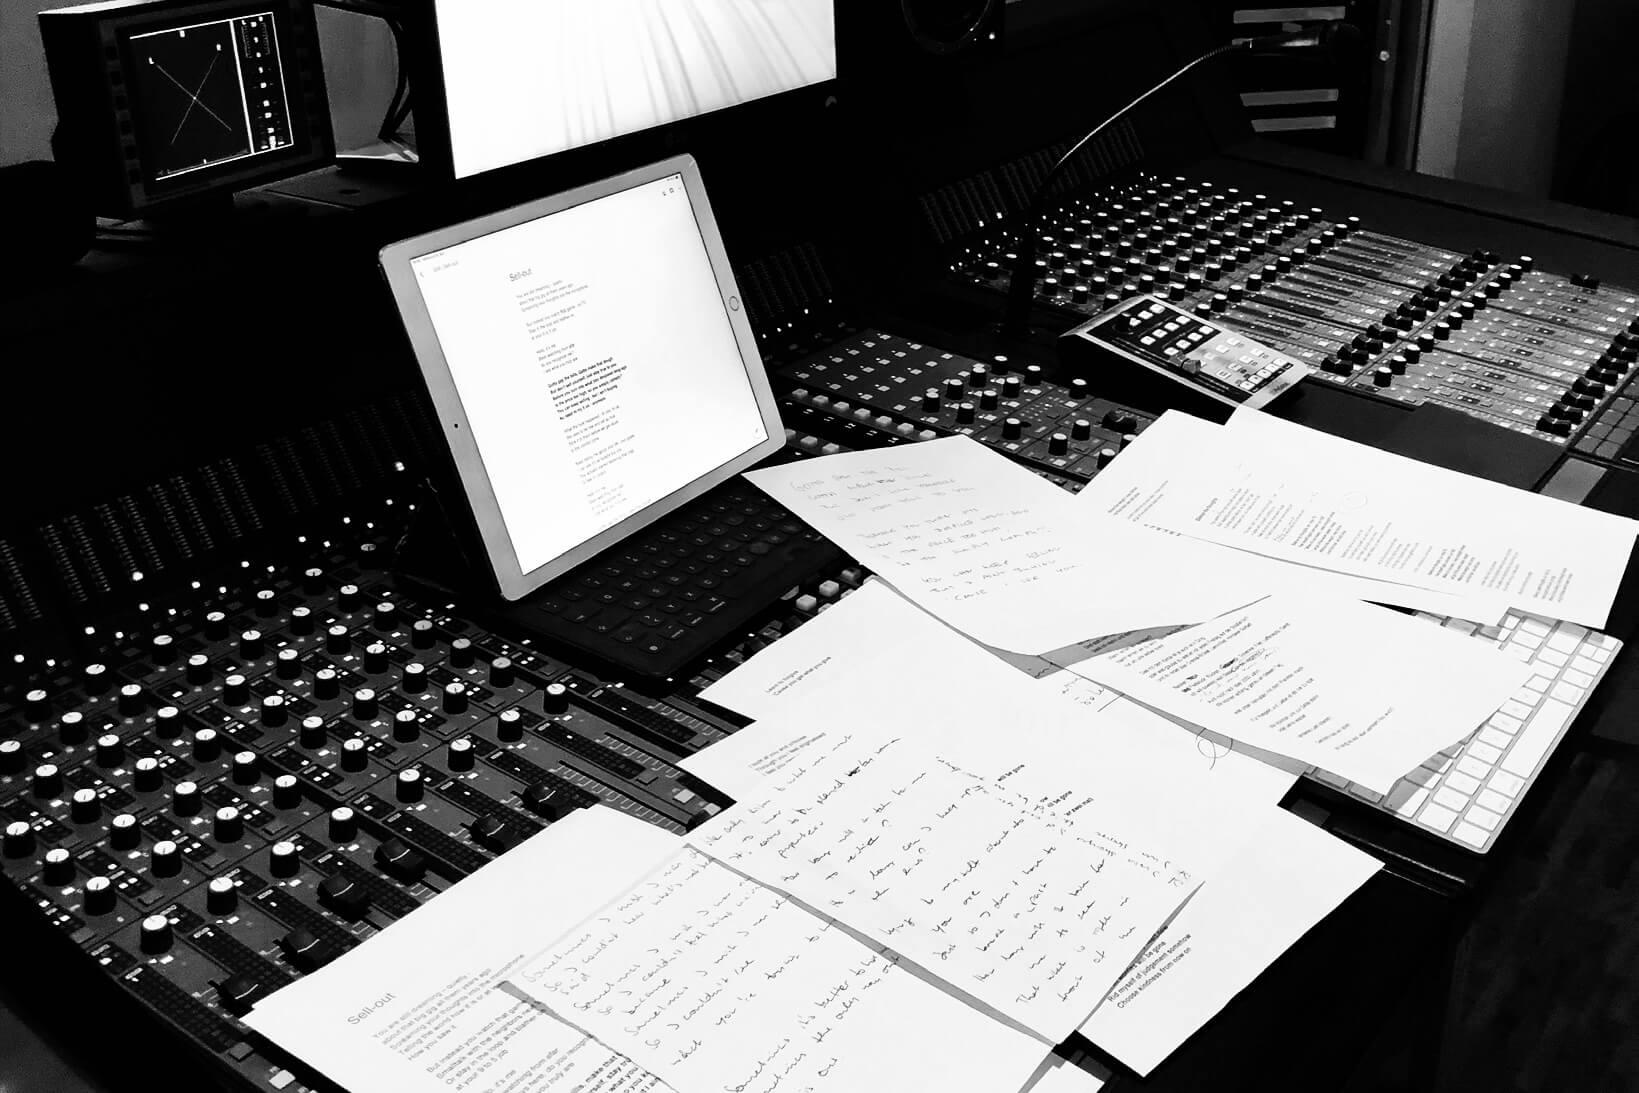 Kreatives Organisieren? - Tools für mehr Produktivität beim Songwriting